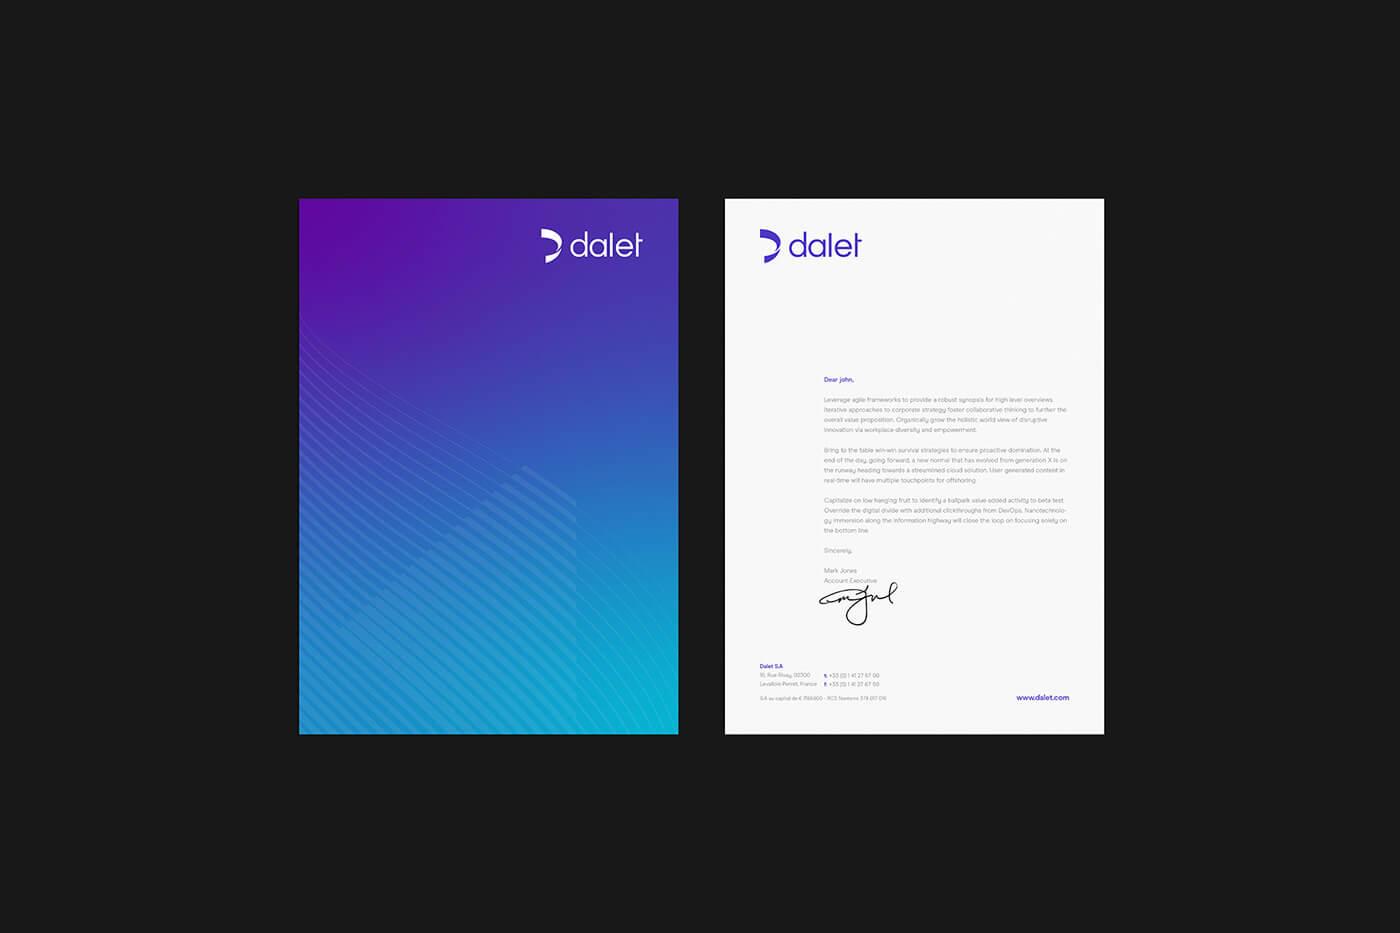 Dalet - Global Rebrand